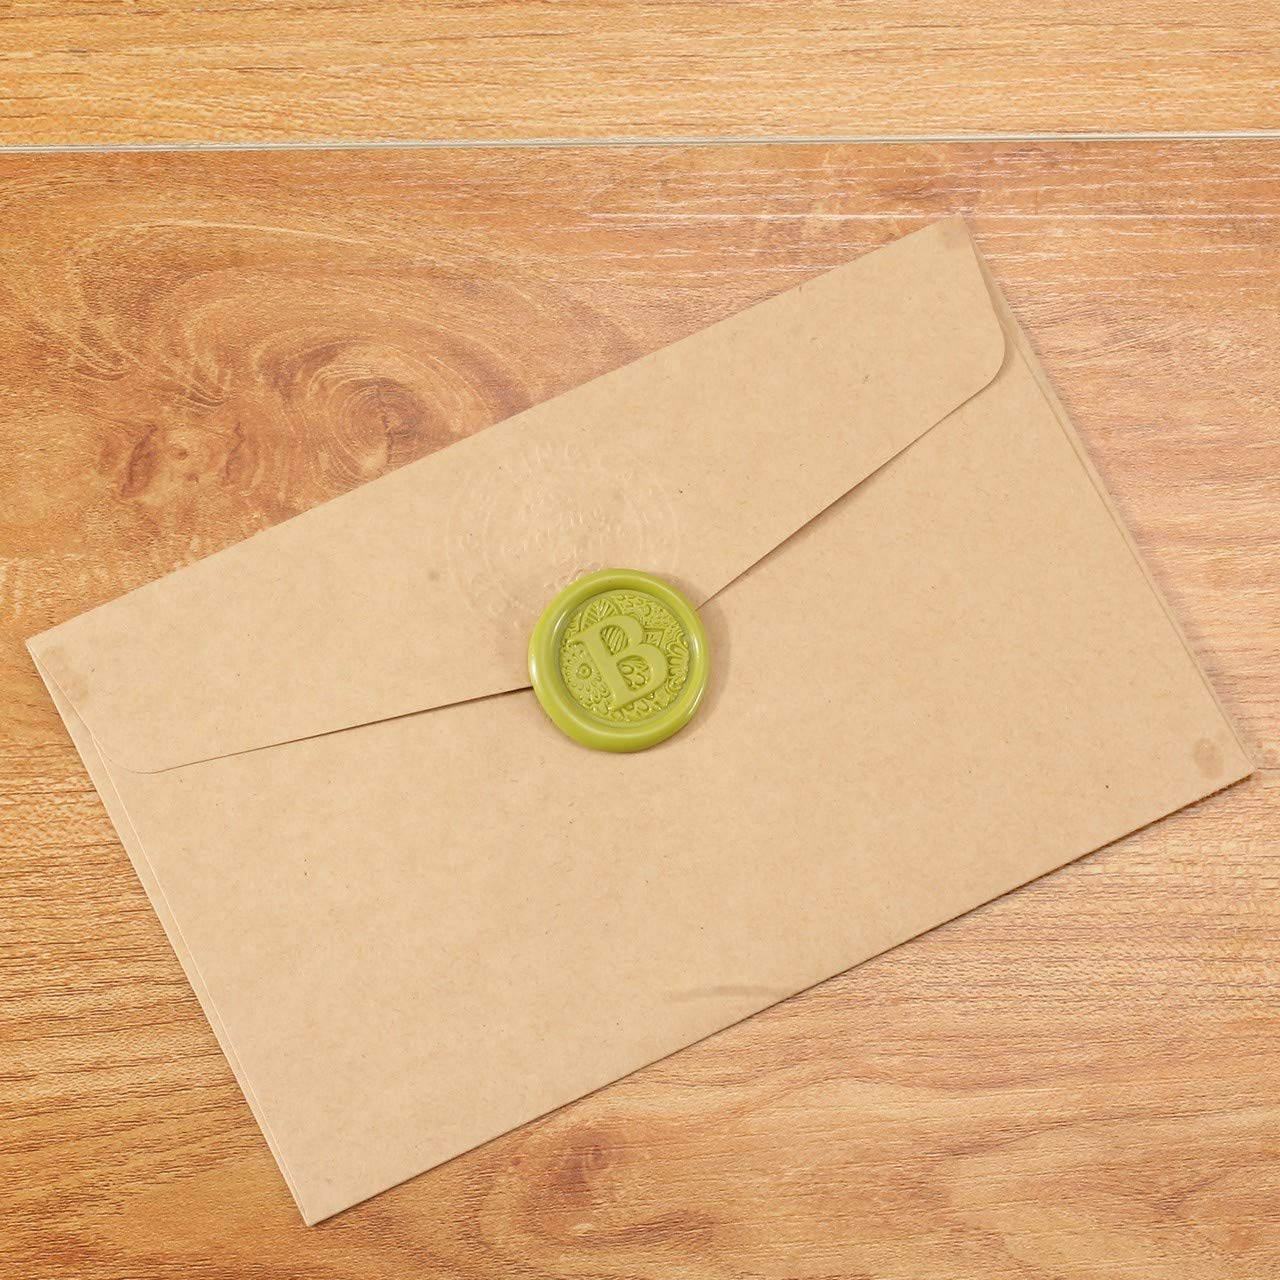 2 Ceralacca Bronzo con Stoppino Gli Iniziali Timbro in Ottone e Legno per Lettera Busta Documenti Privati Vintage G Mogokoyo 1 Sigillo Alfabeto A Z